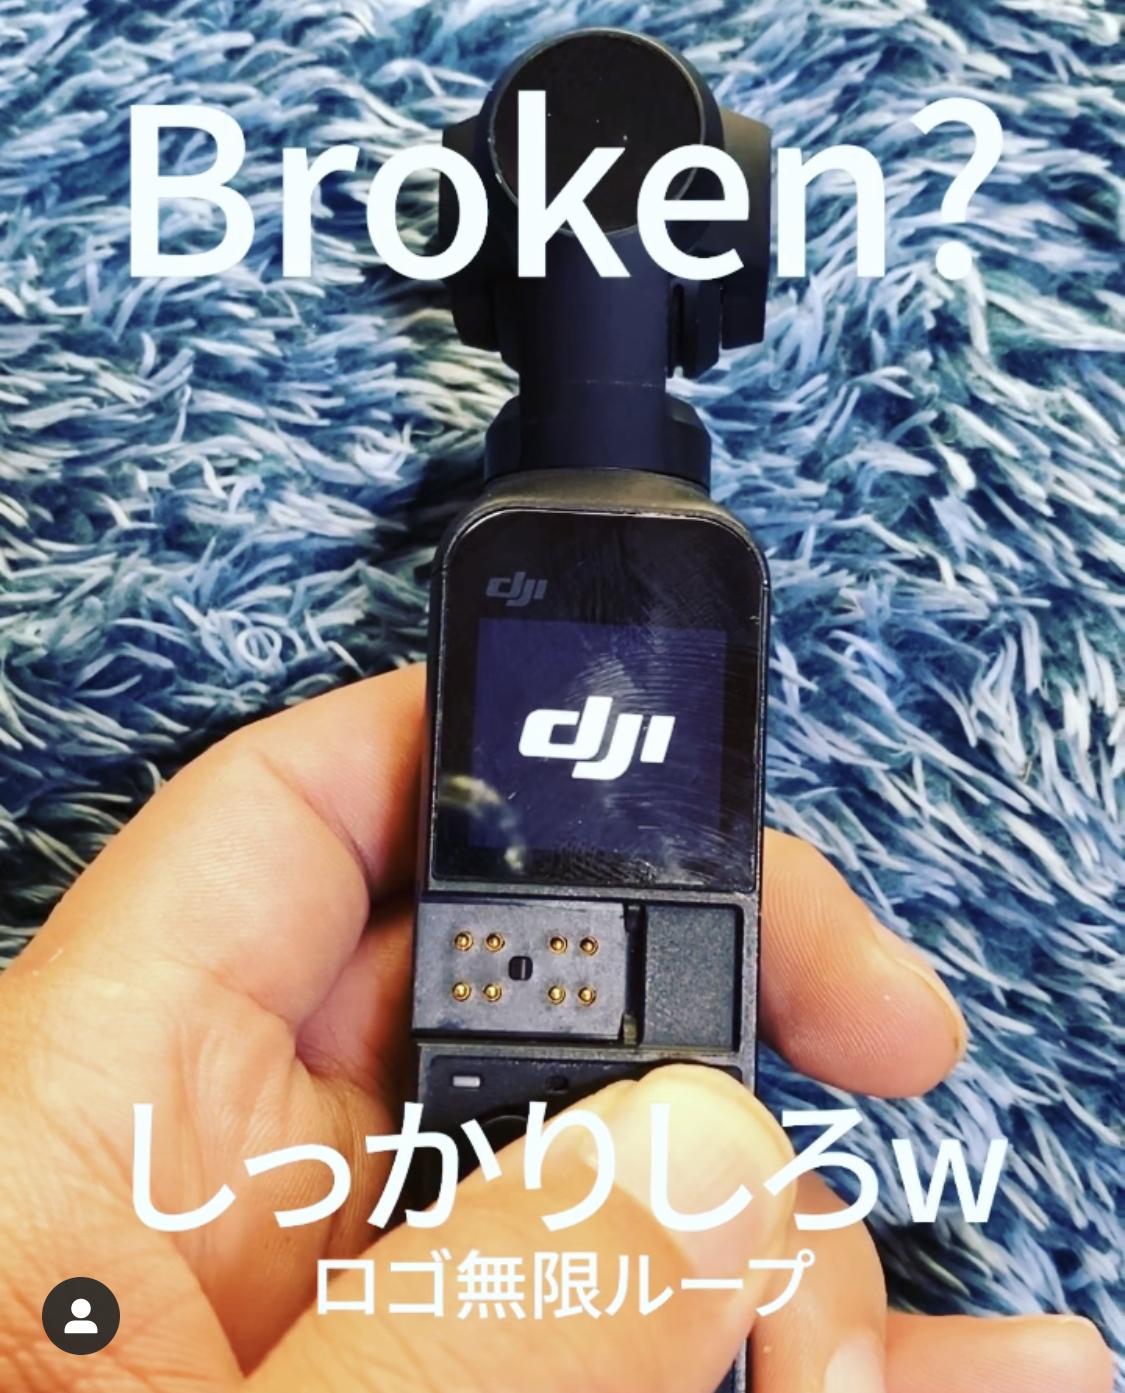 Osmo Pocketは動かない。☠️カメラは次々死んでいく。DJIロゴループで起動せず。一眼2日前に壊れたばっかなのだが。。。?